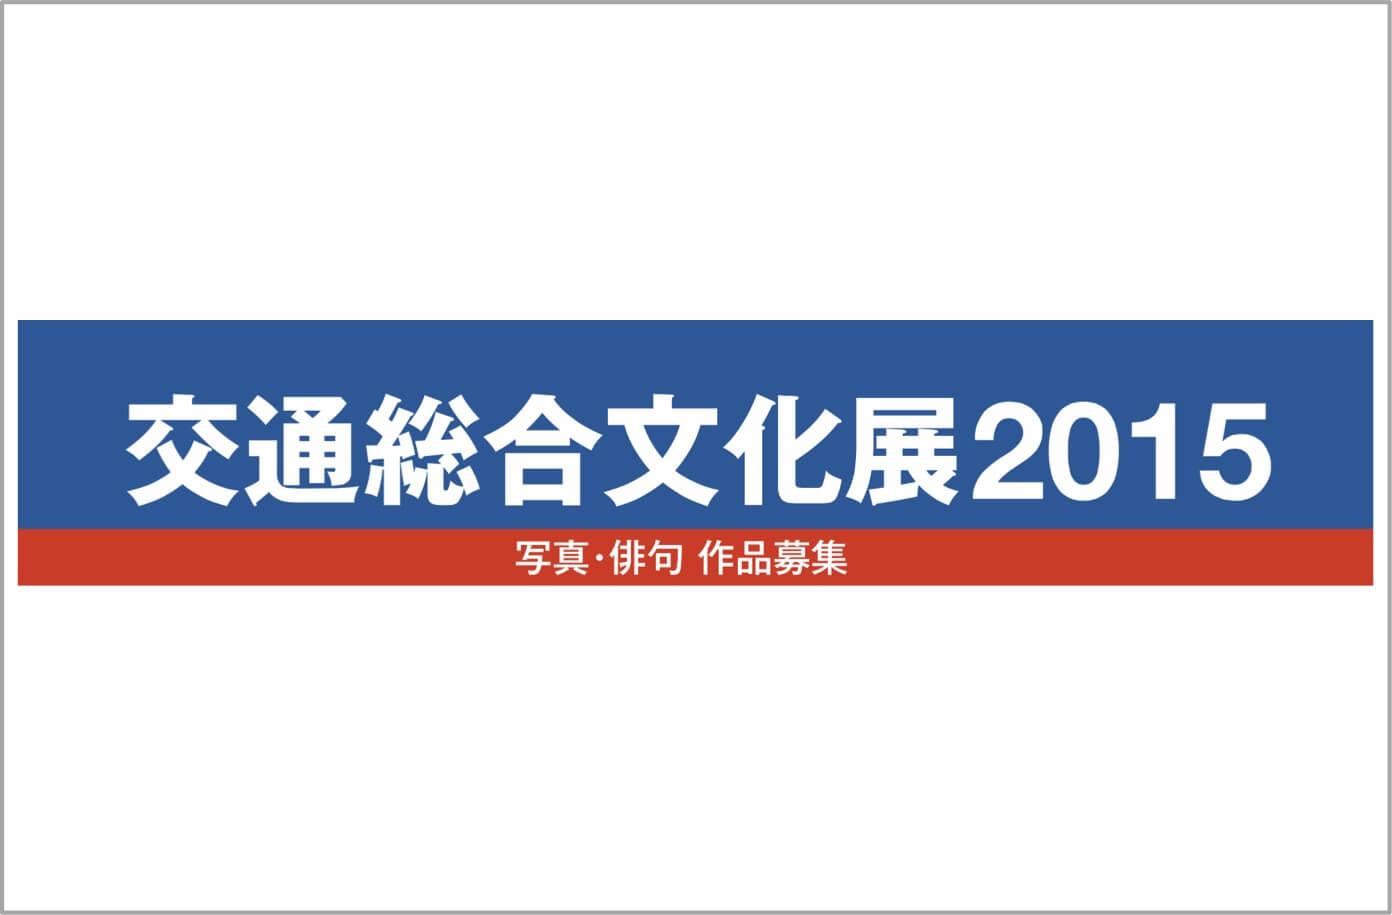 交通総合文化展2015のフォトコンテストに応募しよう